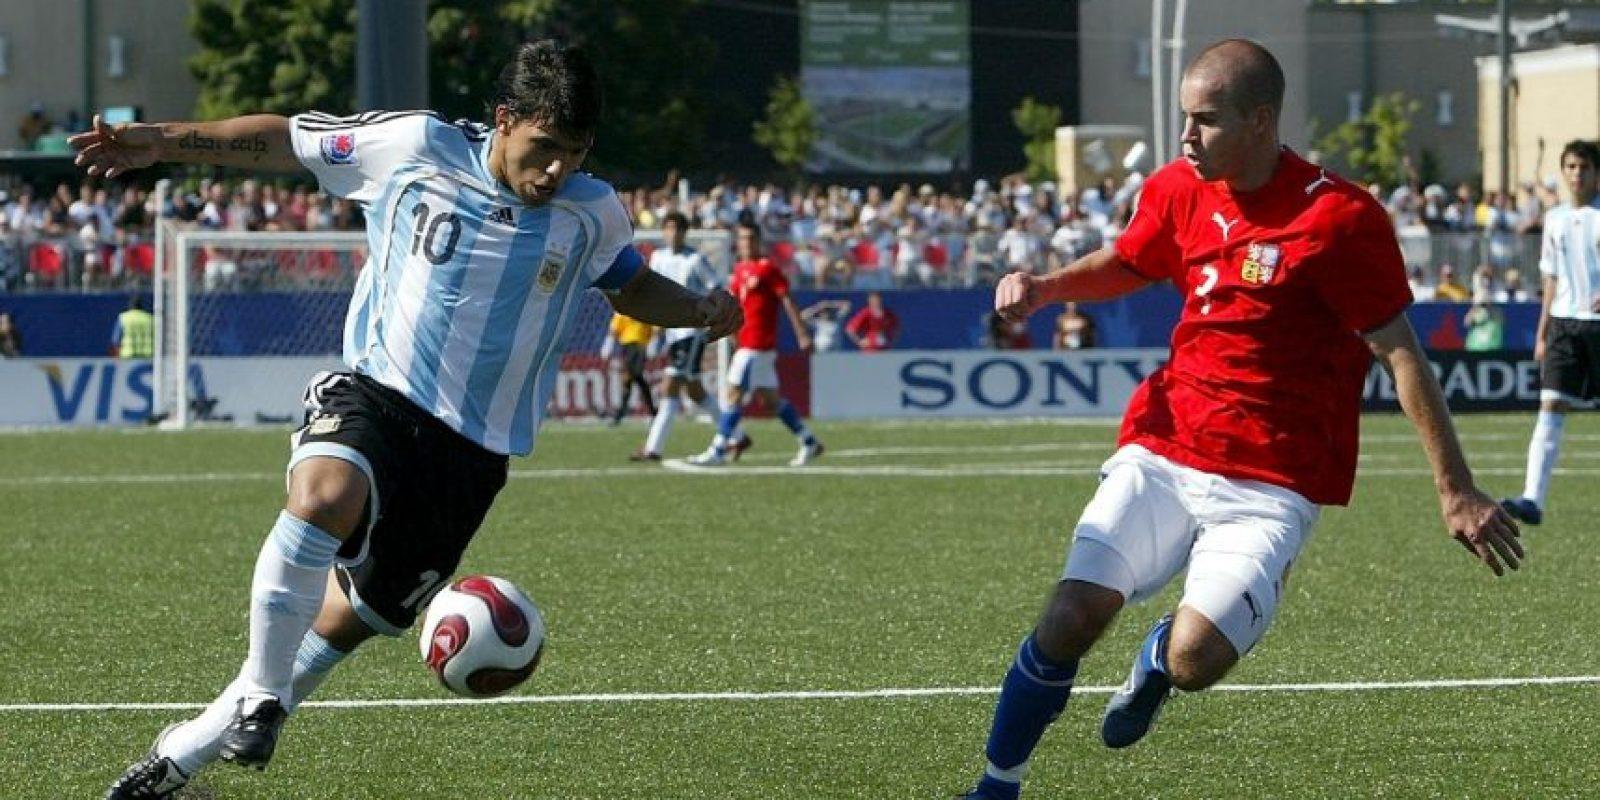 La selección de Argentina Sub-20 ganó el Mundial de 2007, que se celebró en Canadá. Foto:Getty Images